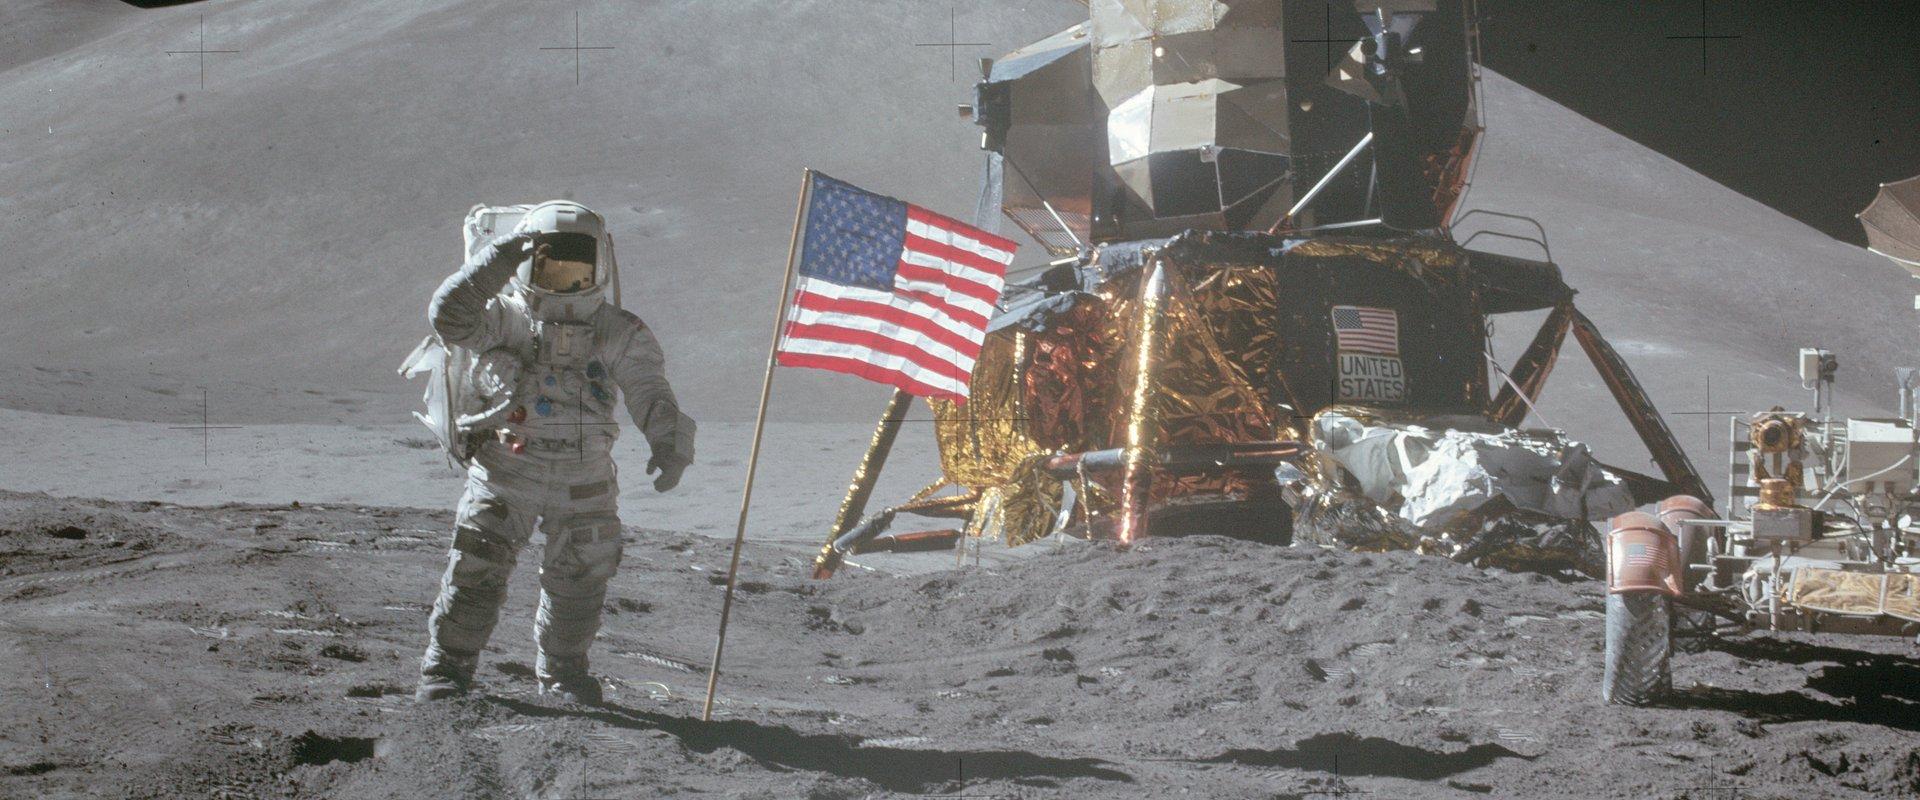 """Kanał National Geographic świętuje 50. rocznicę pierwszego lądowania człowieka na Księżycu. Dokument """"Apollo: droga na Księżyc"""" zabierze widzów w podróż do złotej ery badań kosmicznych"""